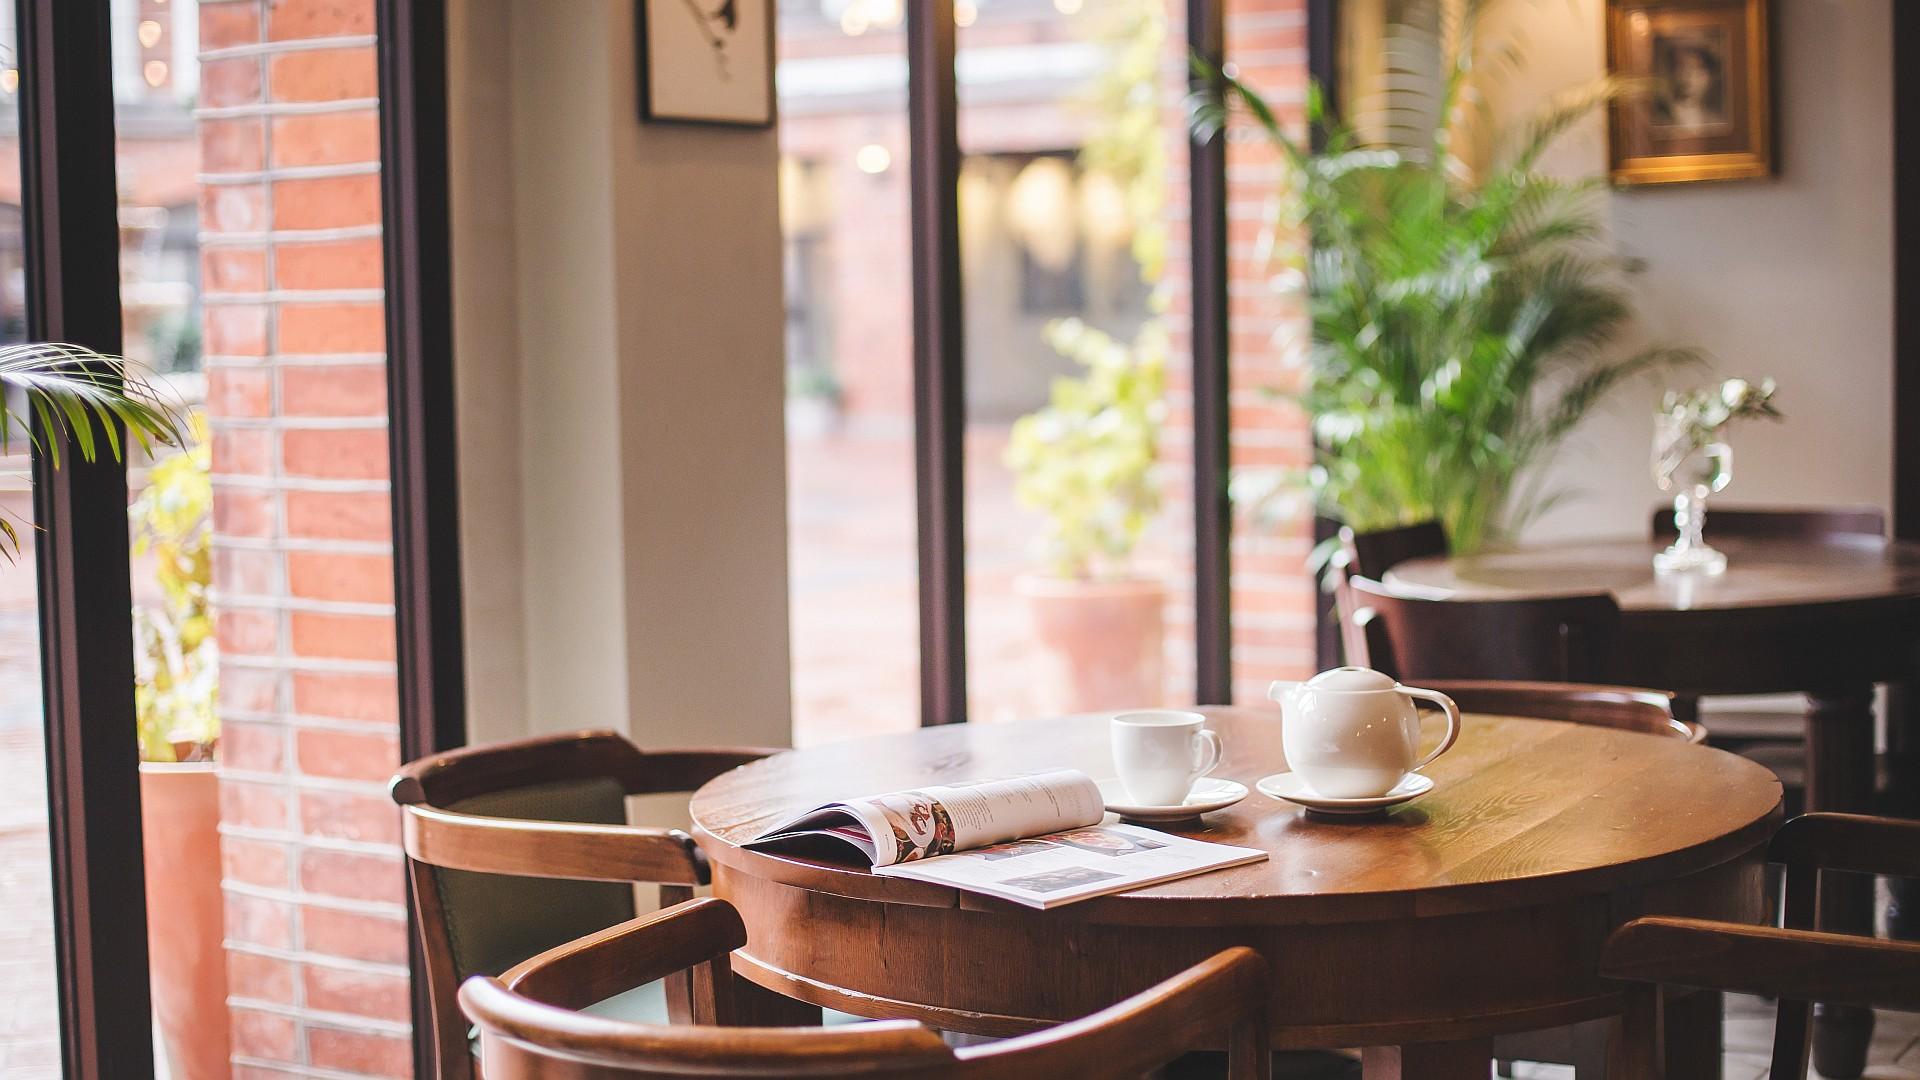 ROMA cafe Liepājā. Foto Lauma Kalniņa / romasdarzs.lv